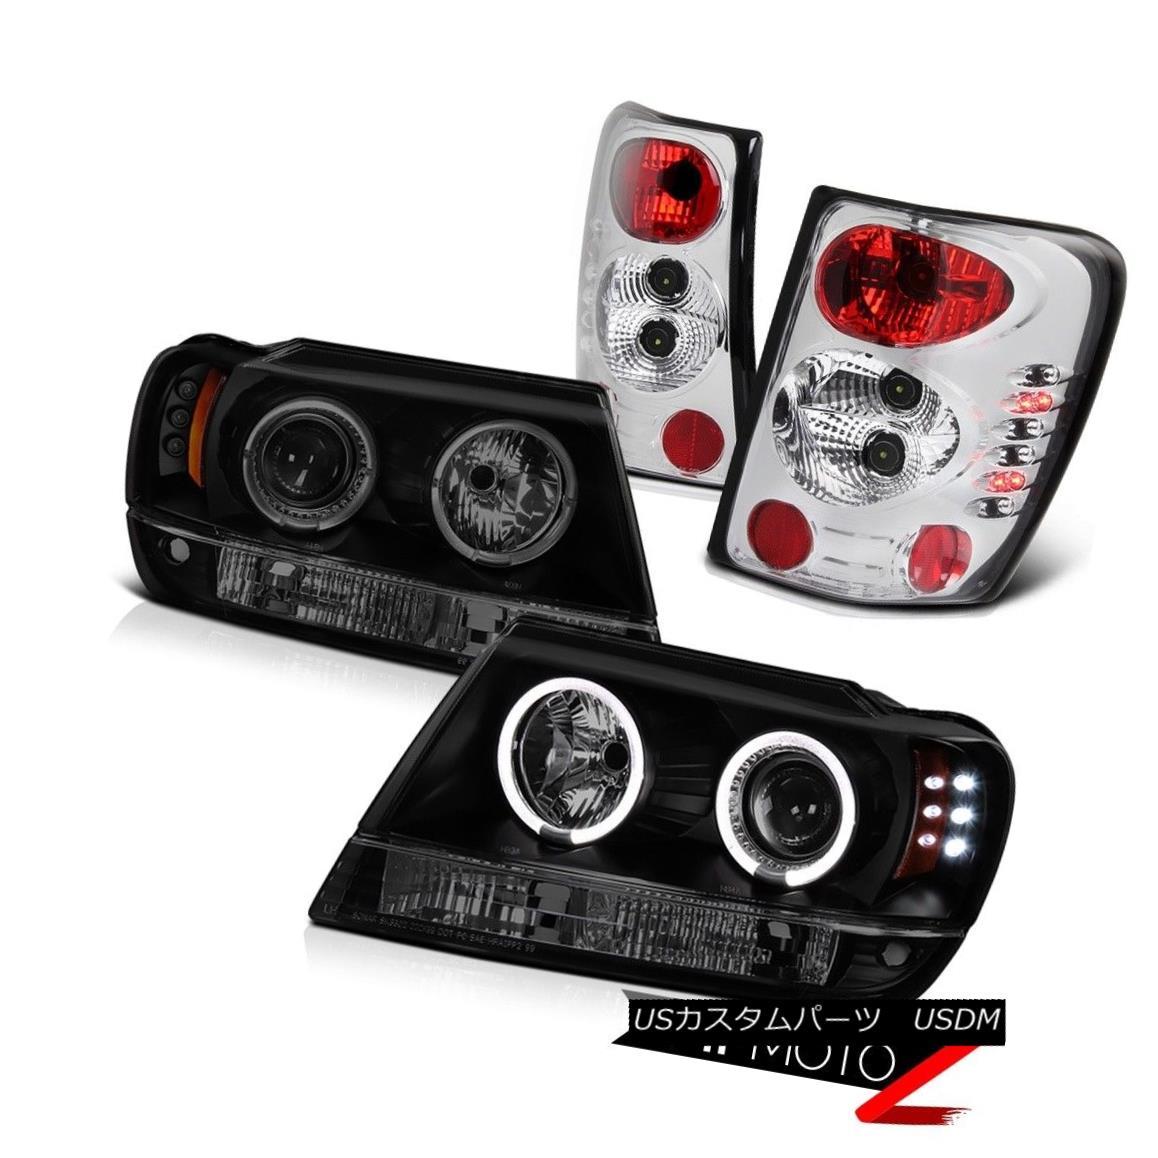 ヘッドライト Grand Cherokee 99 00 01 Dual Angel Eye Headlights LED Smoke Rear Brake Tail Lamp グランドチェロキー99 00 01デュアルエンジェルアイヘッドライトLEDスモークリアブレーキテールランプ